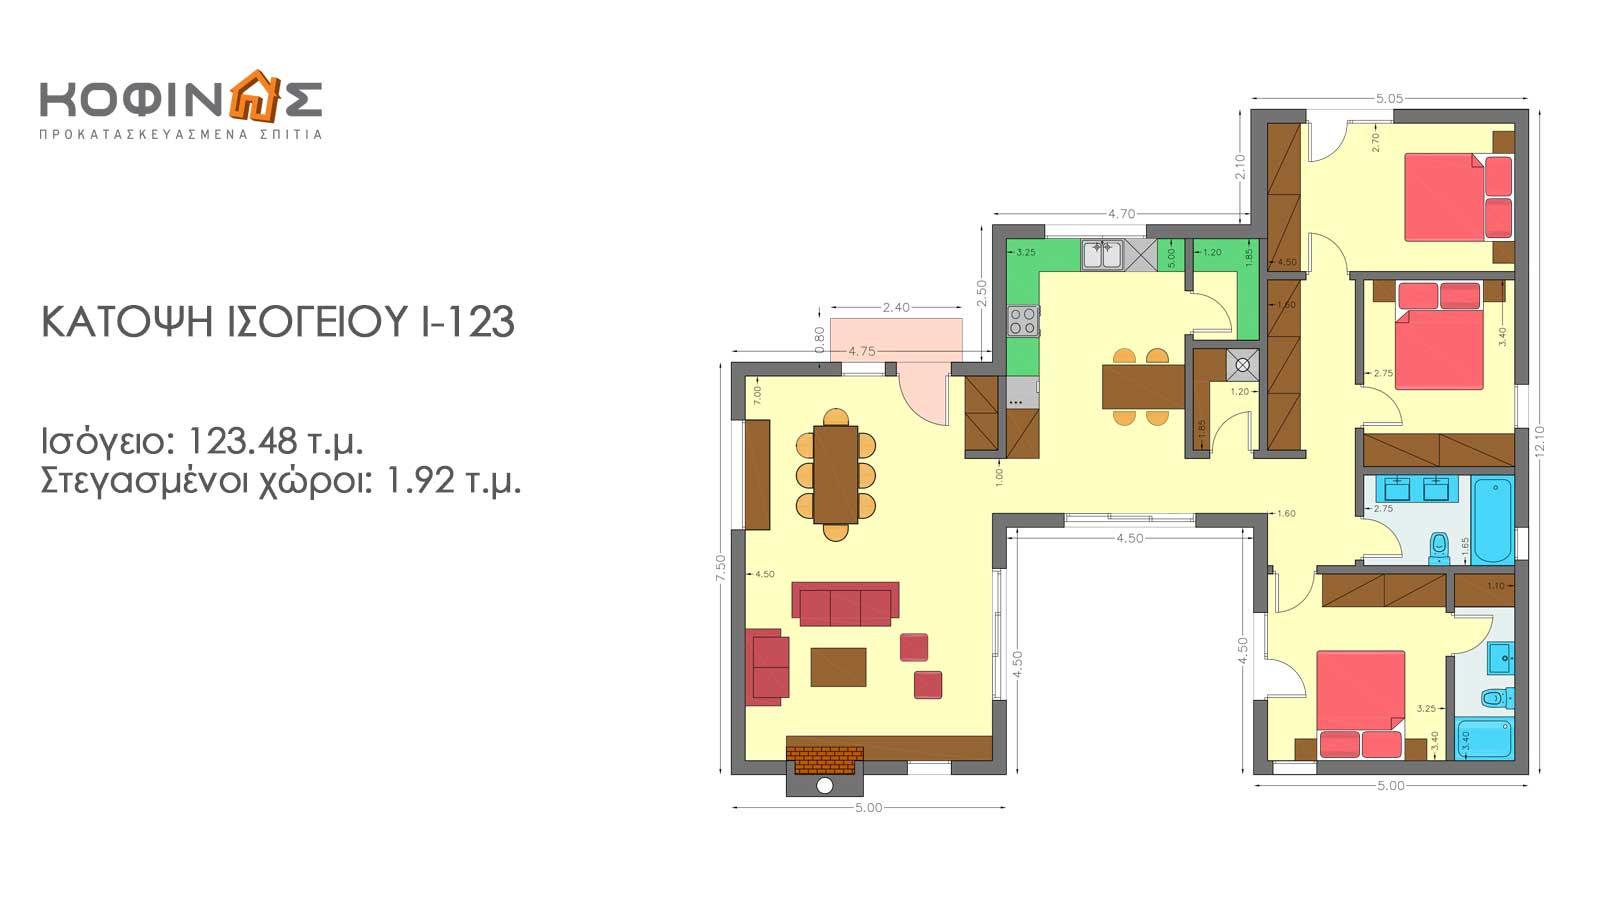 Ισόγεια Κατοικία I-123, συνολικής επιφάνειας 123,48 τ.μ.